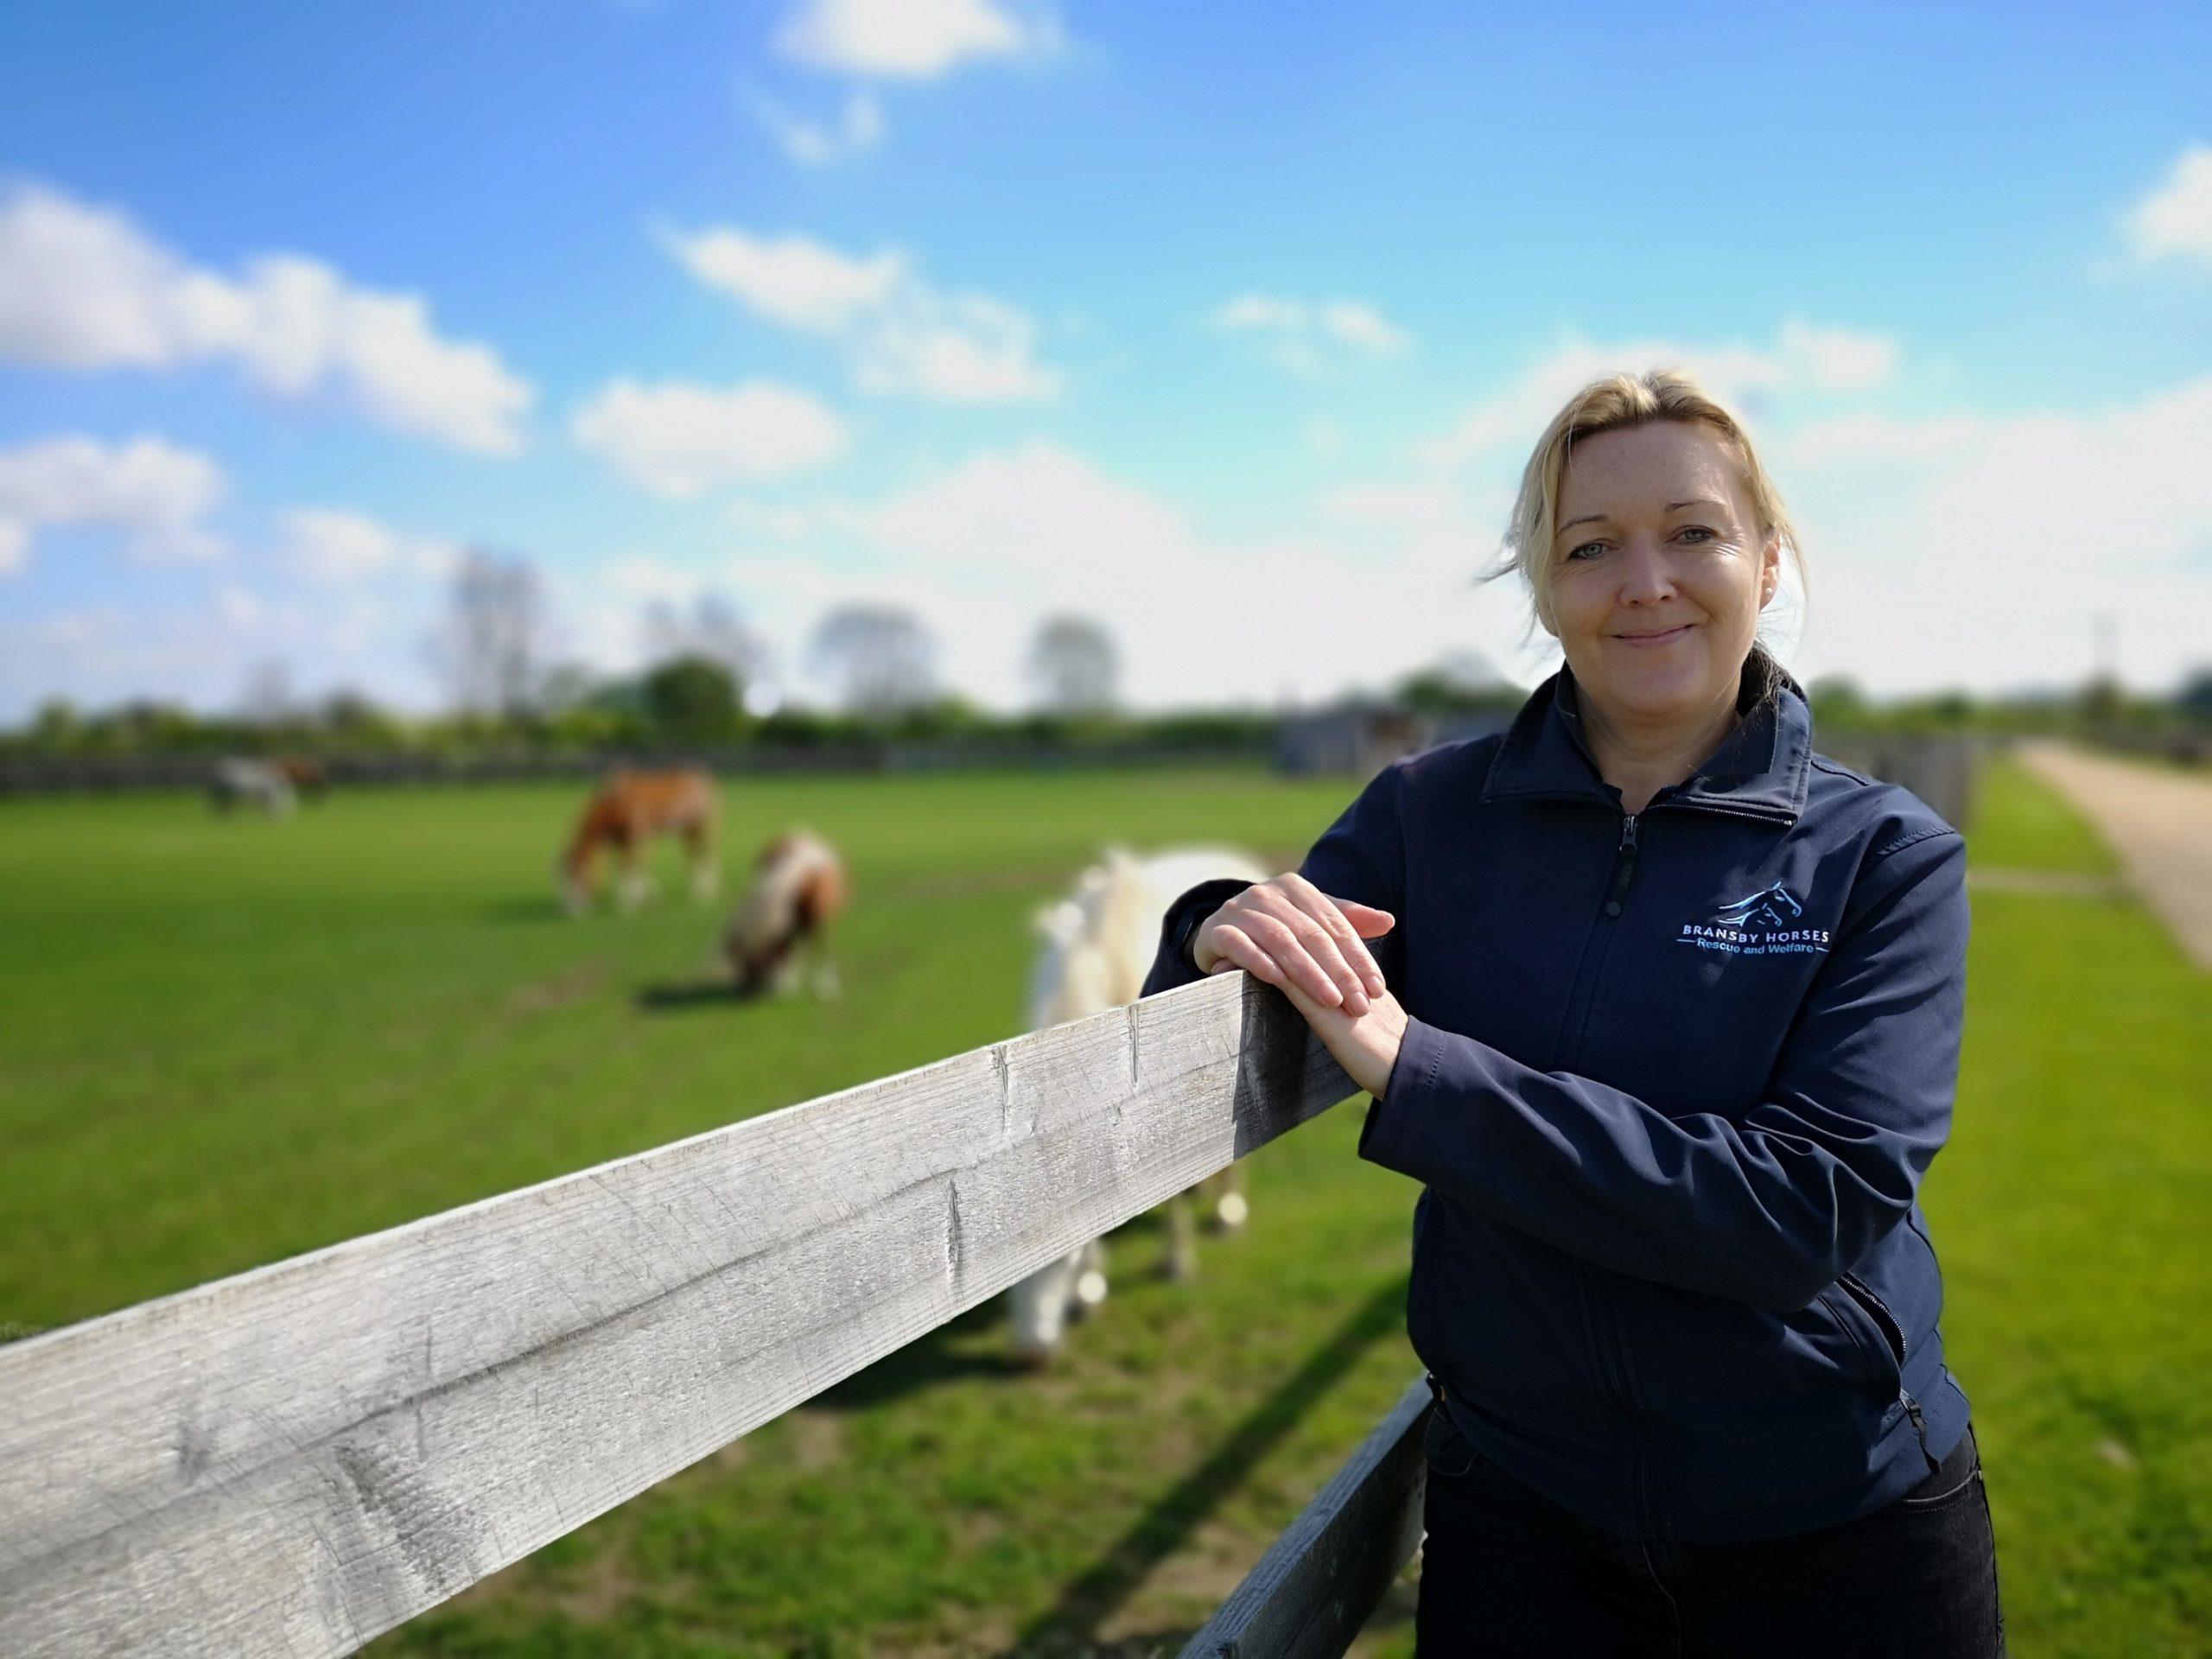 Rachel Jenkinson, External Welfare Manager